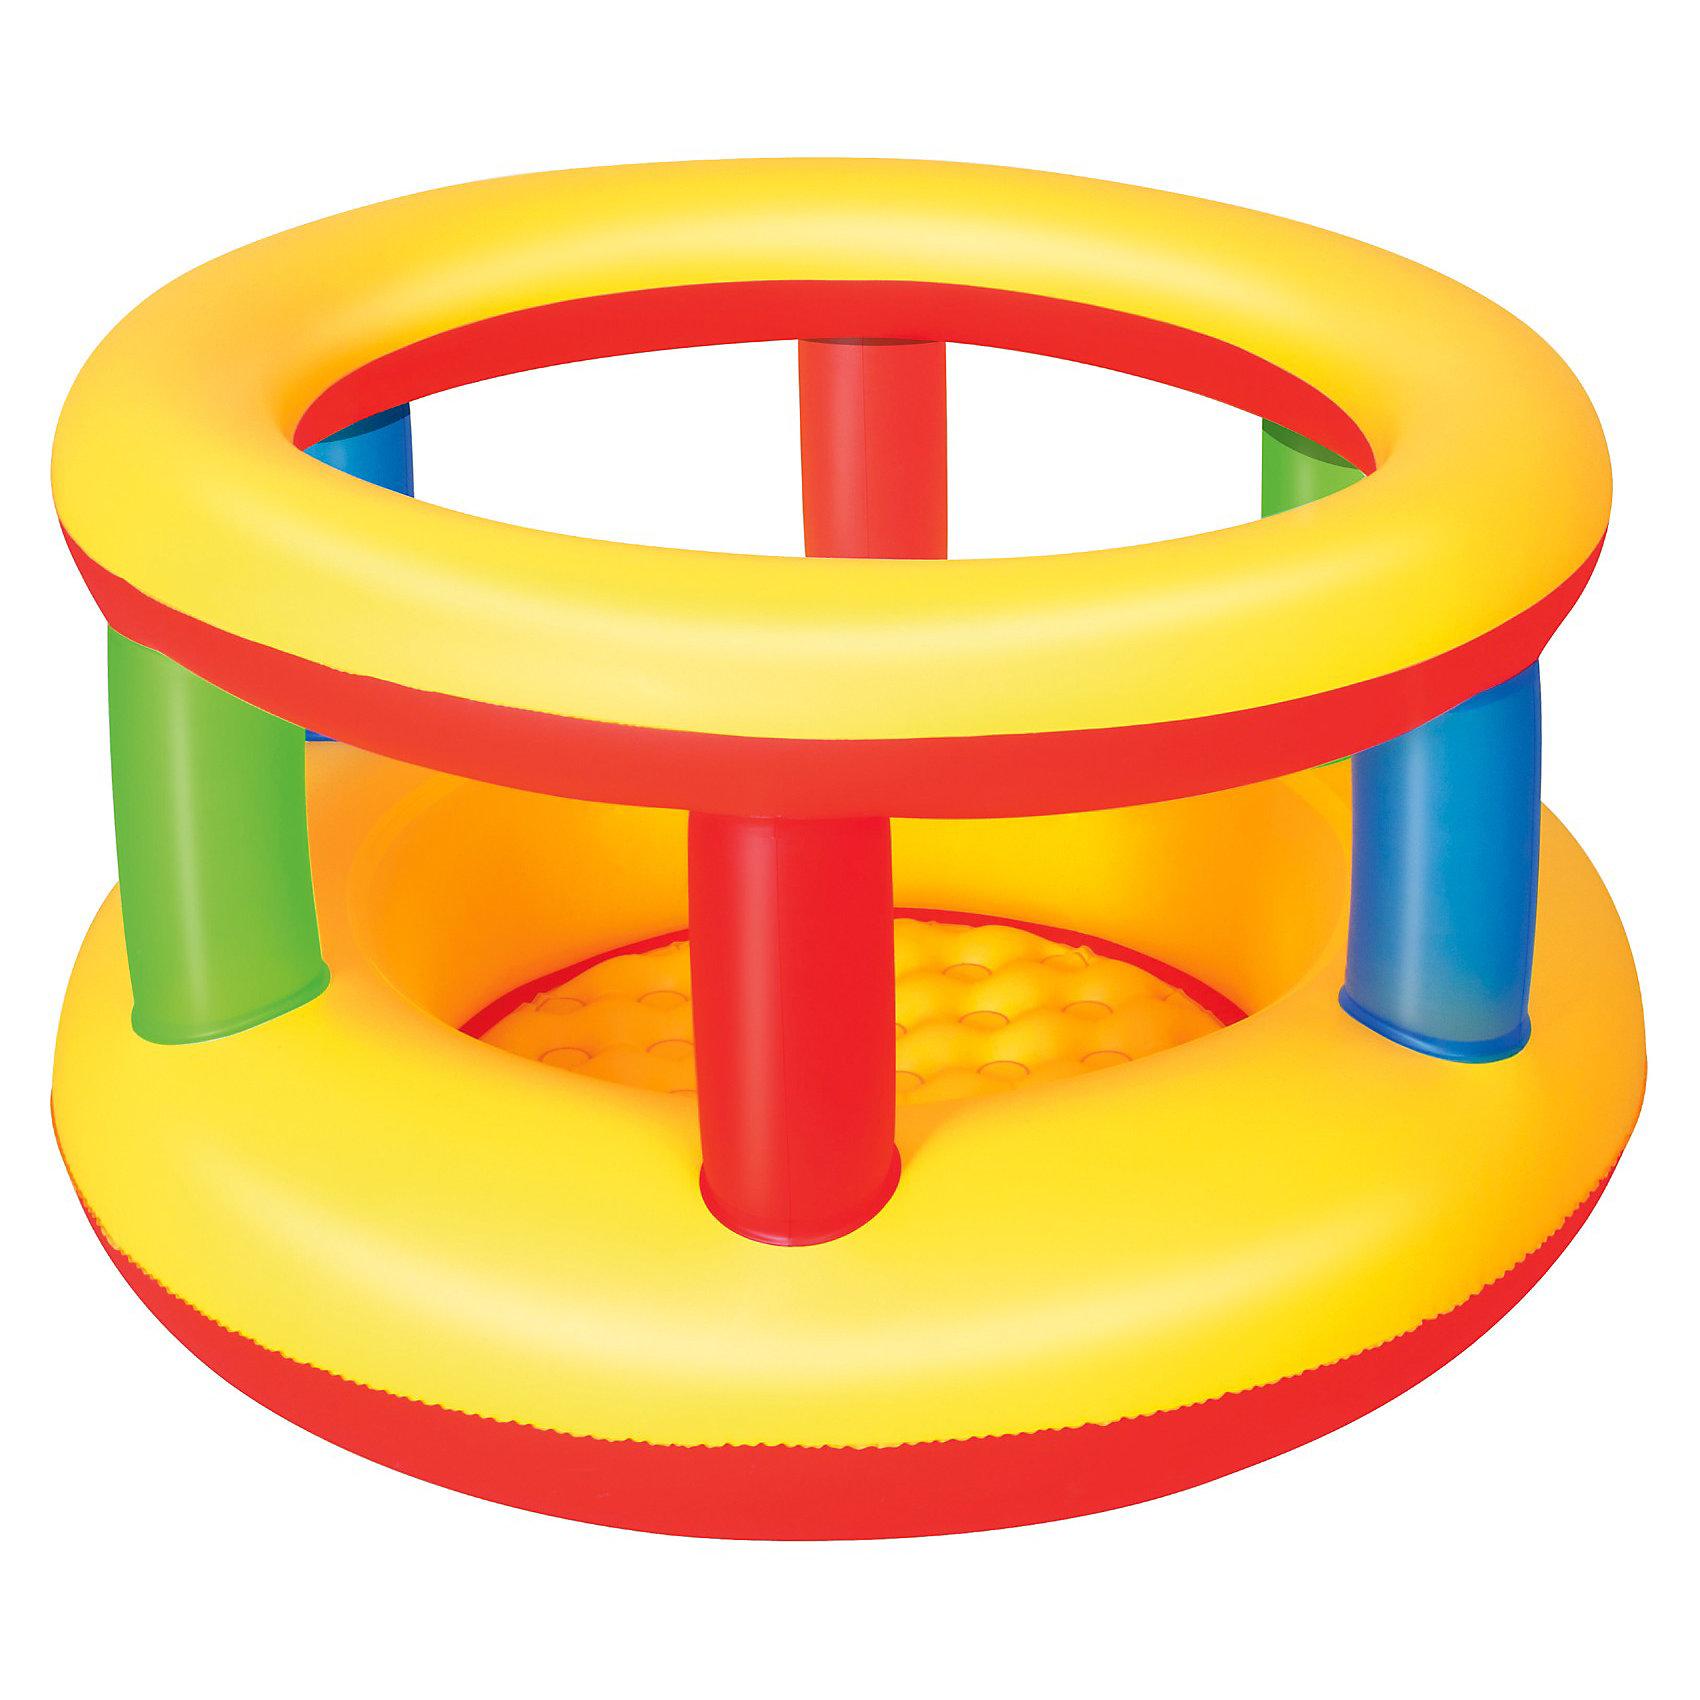 Надувной манеж, 112х63 см, BestwayНадувные центры<br>Надувной манеж, Bestway, прекрасно подойдет для игр малыша как дома так и на улице. Высокие и мягкие боковые стенки и надувной пол гарантируют полную безопасность и комфорт. Манеж выполнен в яркой, привлекательной для ребенка расцветке. Материал представляет собой<br>нетоксичный и прочный винил 0,25 мм., устойчивый к изнашиванию. Поставляется в сдутом виде, насос в комплект не входит. Для детей от 1 года (максимальный вес - 30 кг.).<br><br>Дополнительная информация:<br><br>- Материал: ПВХ.<br>- Размер манежа: 112 х 63,5 см. <br>- Размер упаковки: 30,3 х 29,7 х 6,8 см.<br>- Вес: 1,54 кг.<br><br>Надувной манеж, 112х63 см., Bestway, можно купить в нашем интернет-магазине.<br><br>Ширина мм: 303<br>Глубина мм: 297<br>Высота мм: 68<br>Вес г: 1547<br>Возраст от месяцев: -2147483648<br>Возраст до месяцев: 2147483647<br>Пол: Унисекс<br>Возраст: Детский<br>SKU: 3340161